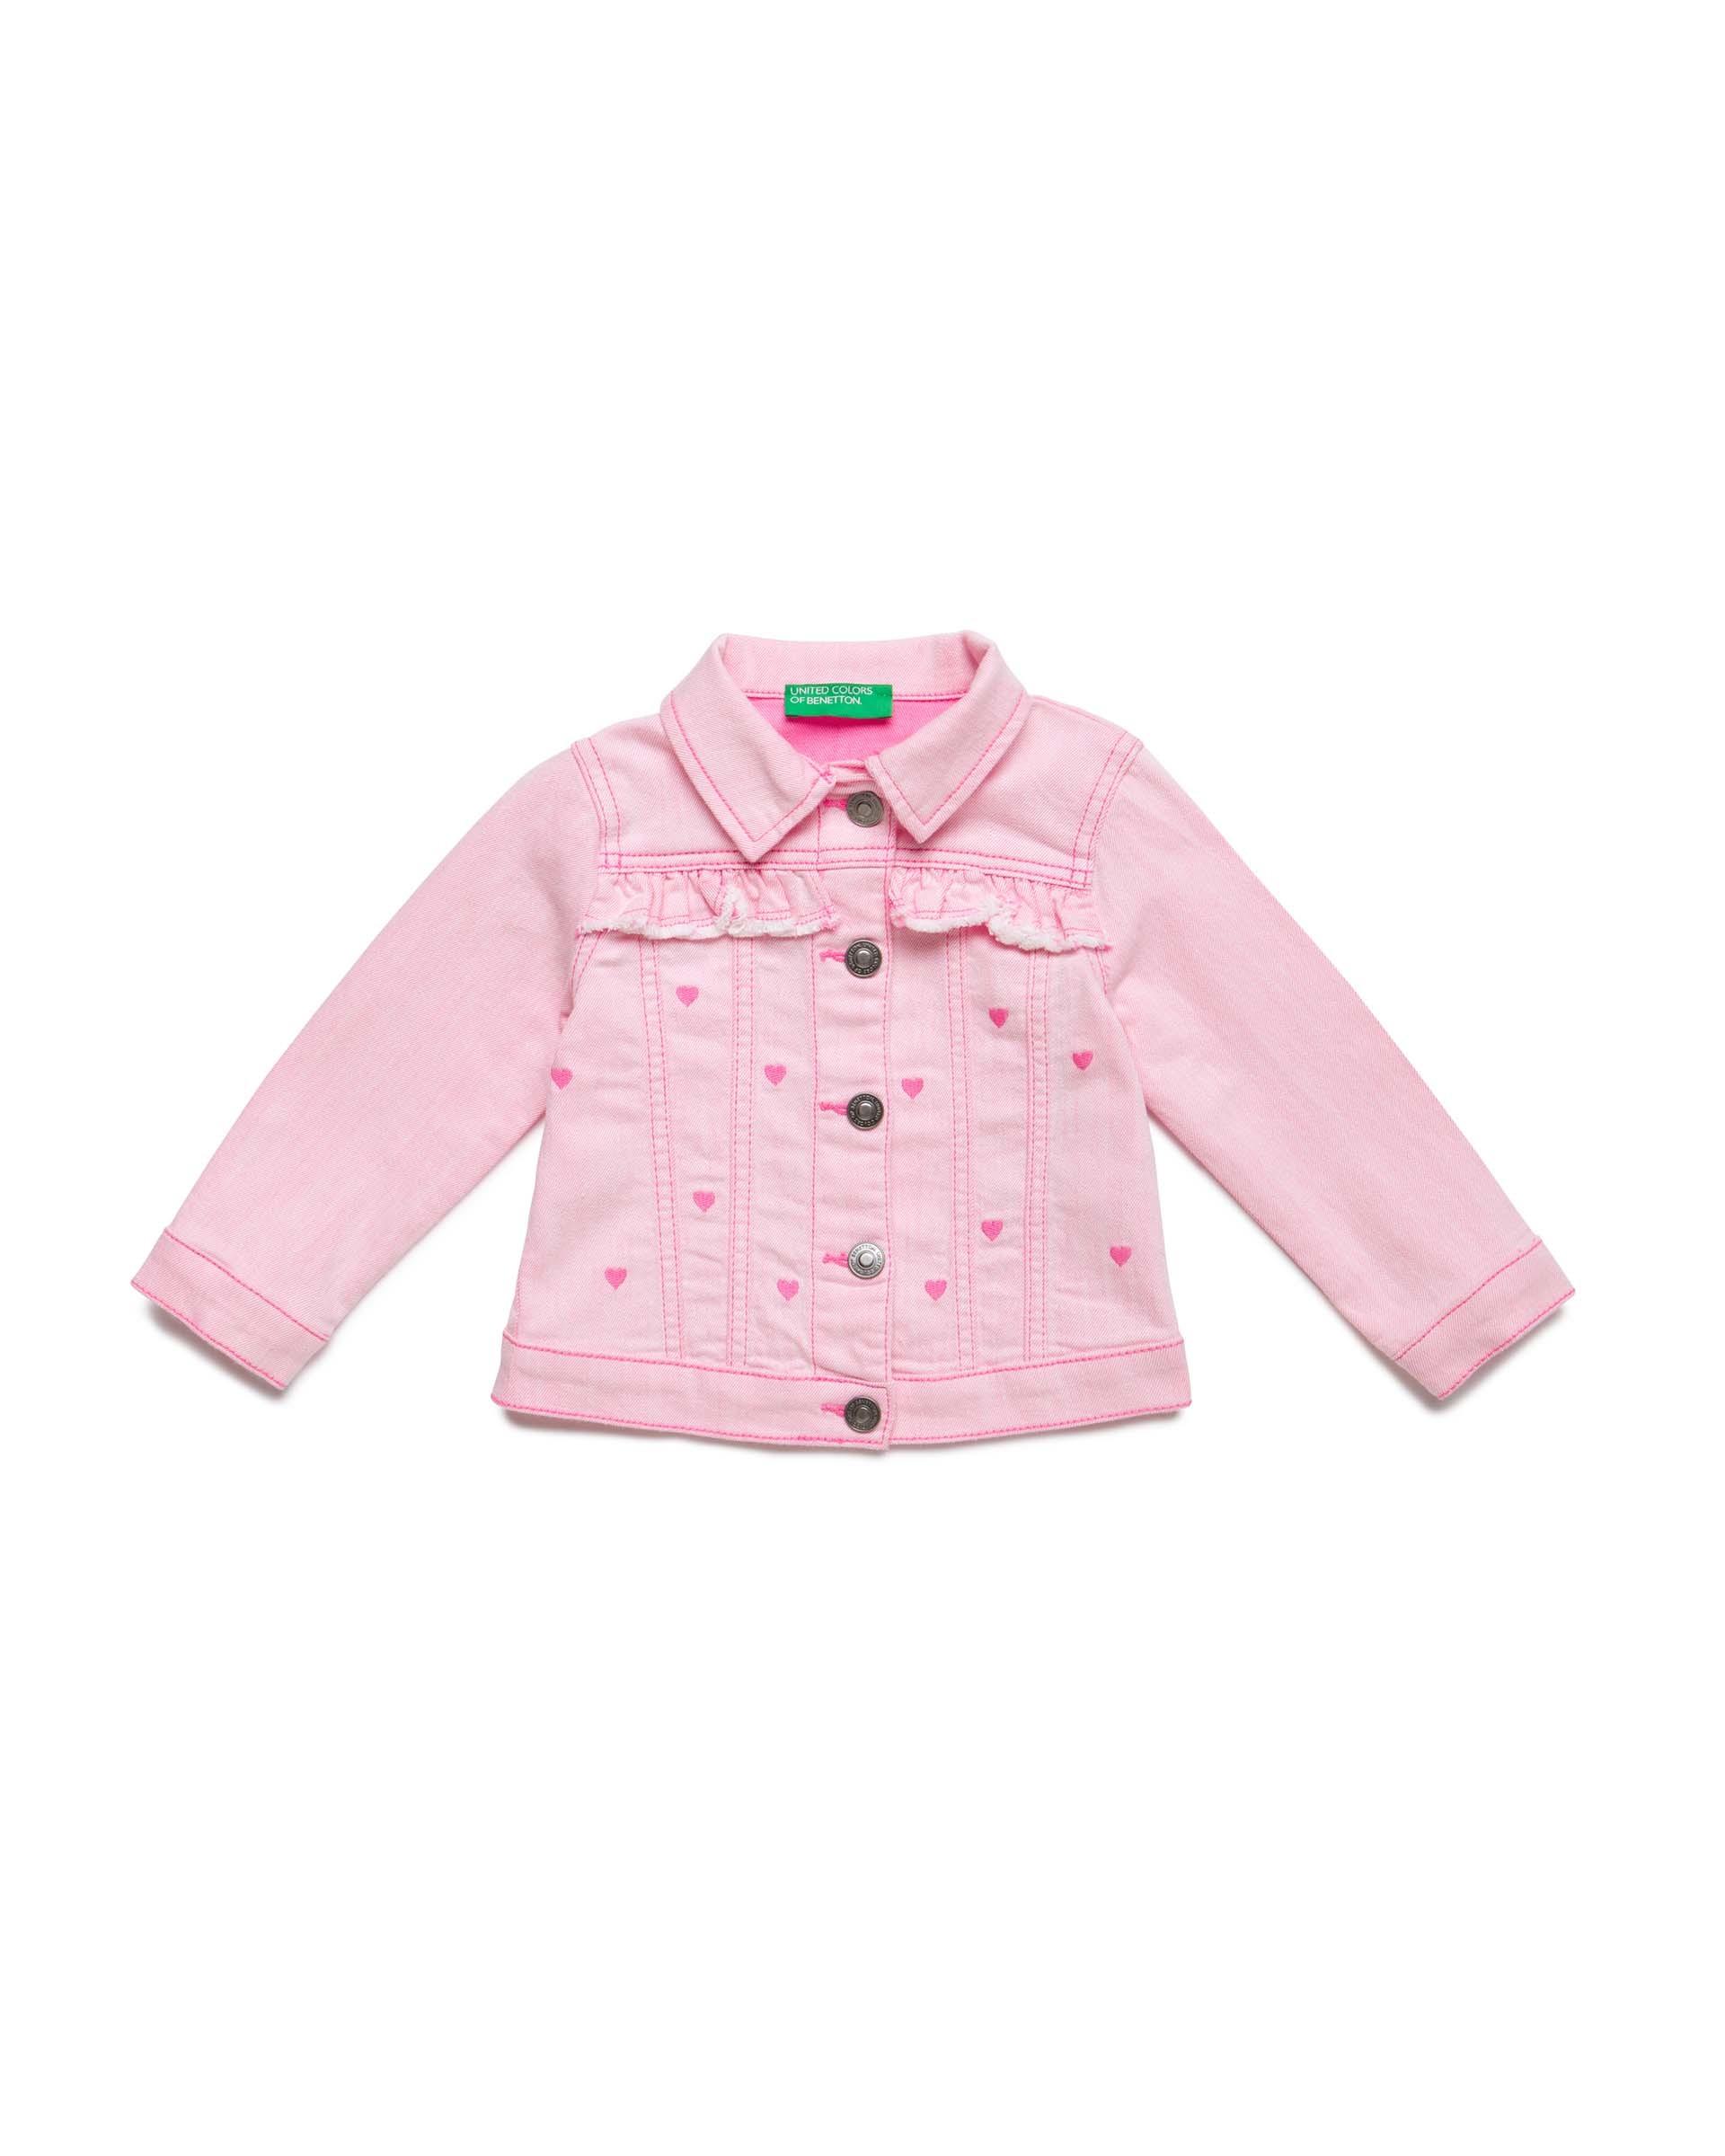 Купить 20P_2PL7532XP_40J, Джинсовая куртка для девочек Benetton 2PL7532XP_40J р-р 80, United Colors of Benetton, Куртки для девочек